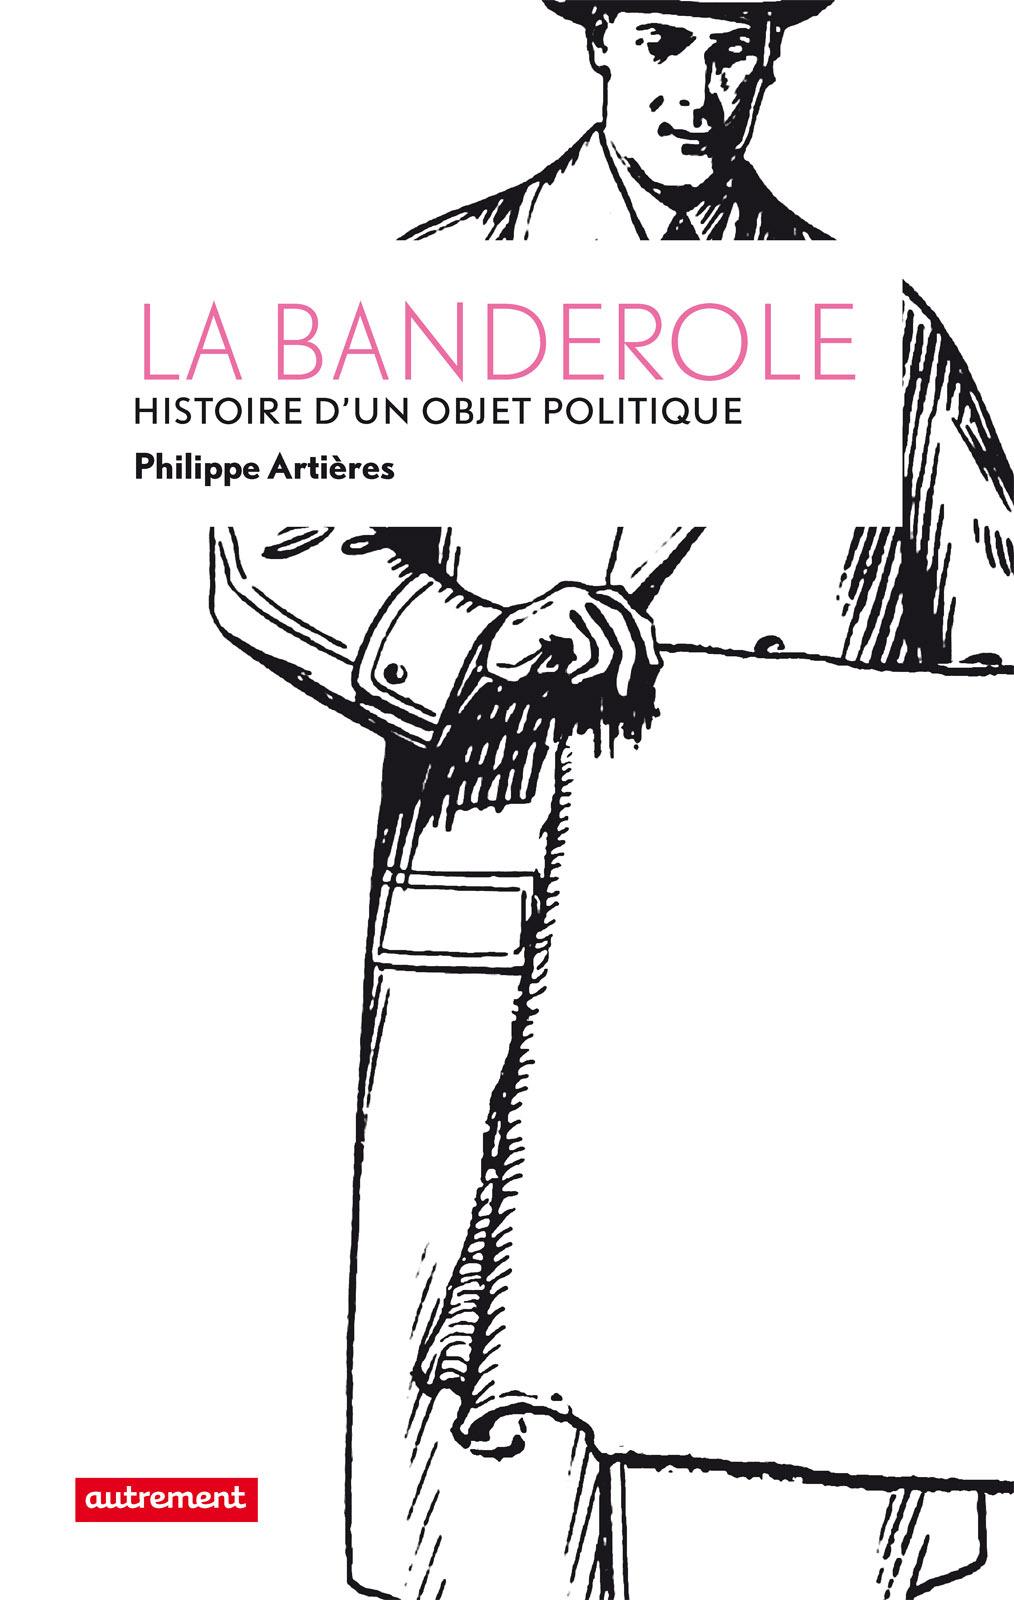 La Banderole, HISTOIRE D'UN OBJET POLITIQUE